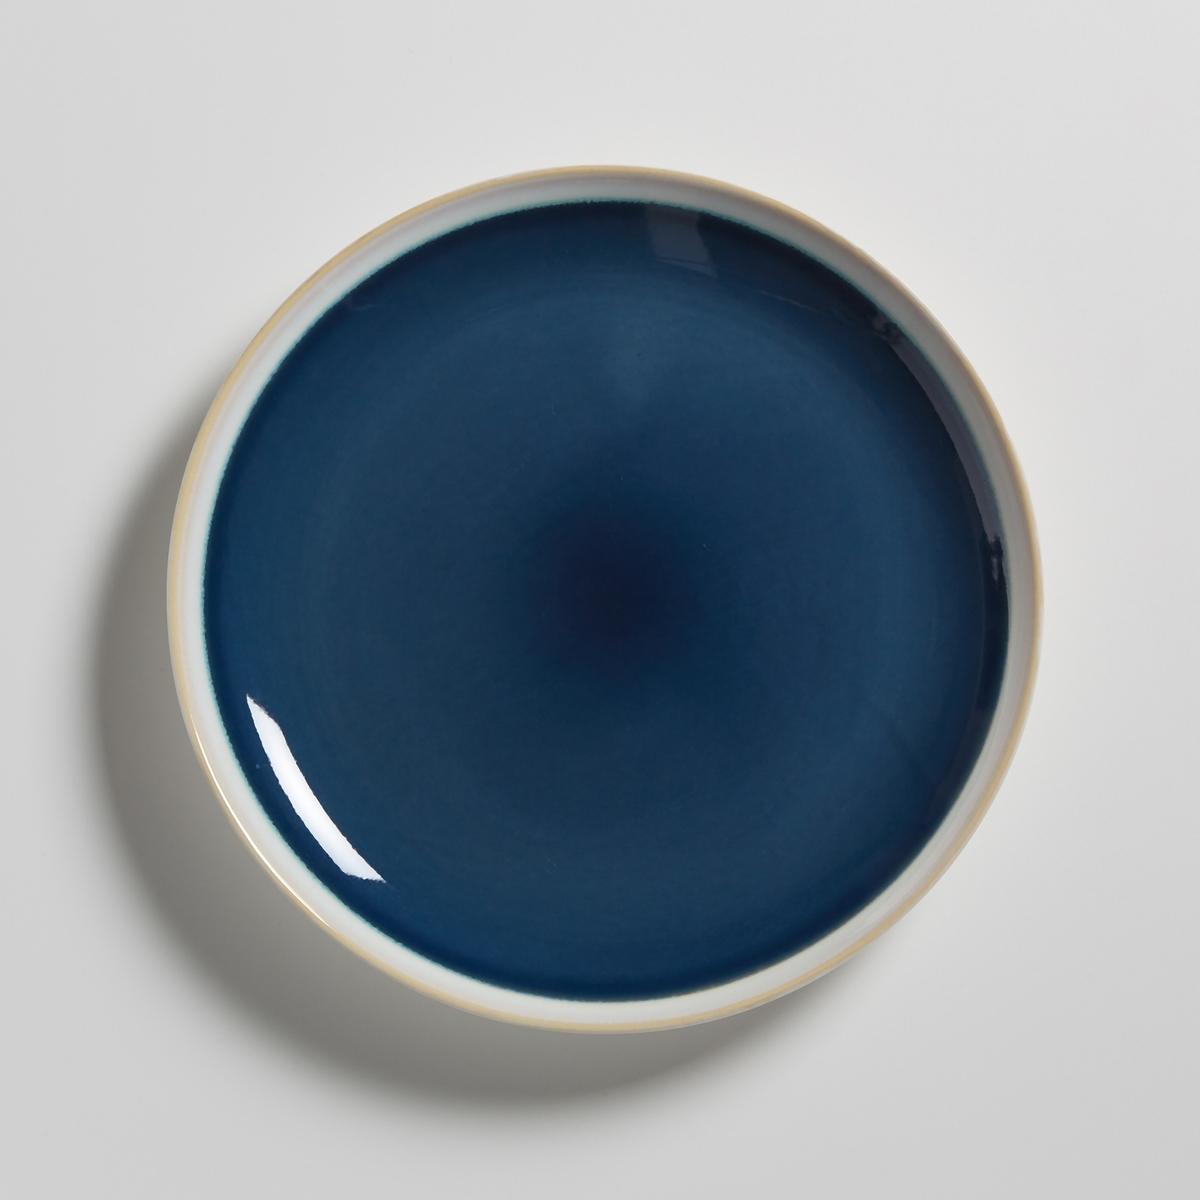 Комплект из десертных тарелок La Redoute Из керамики DEONIE единый размер синий комплект из 4 десертных тарелок sam baron